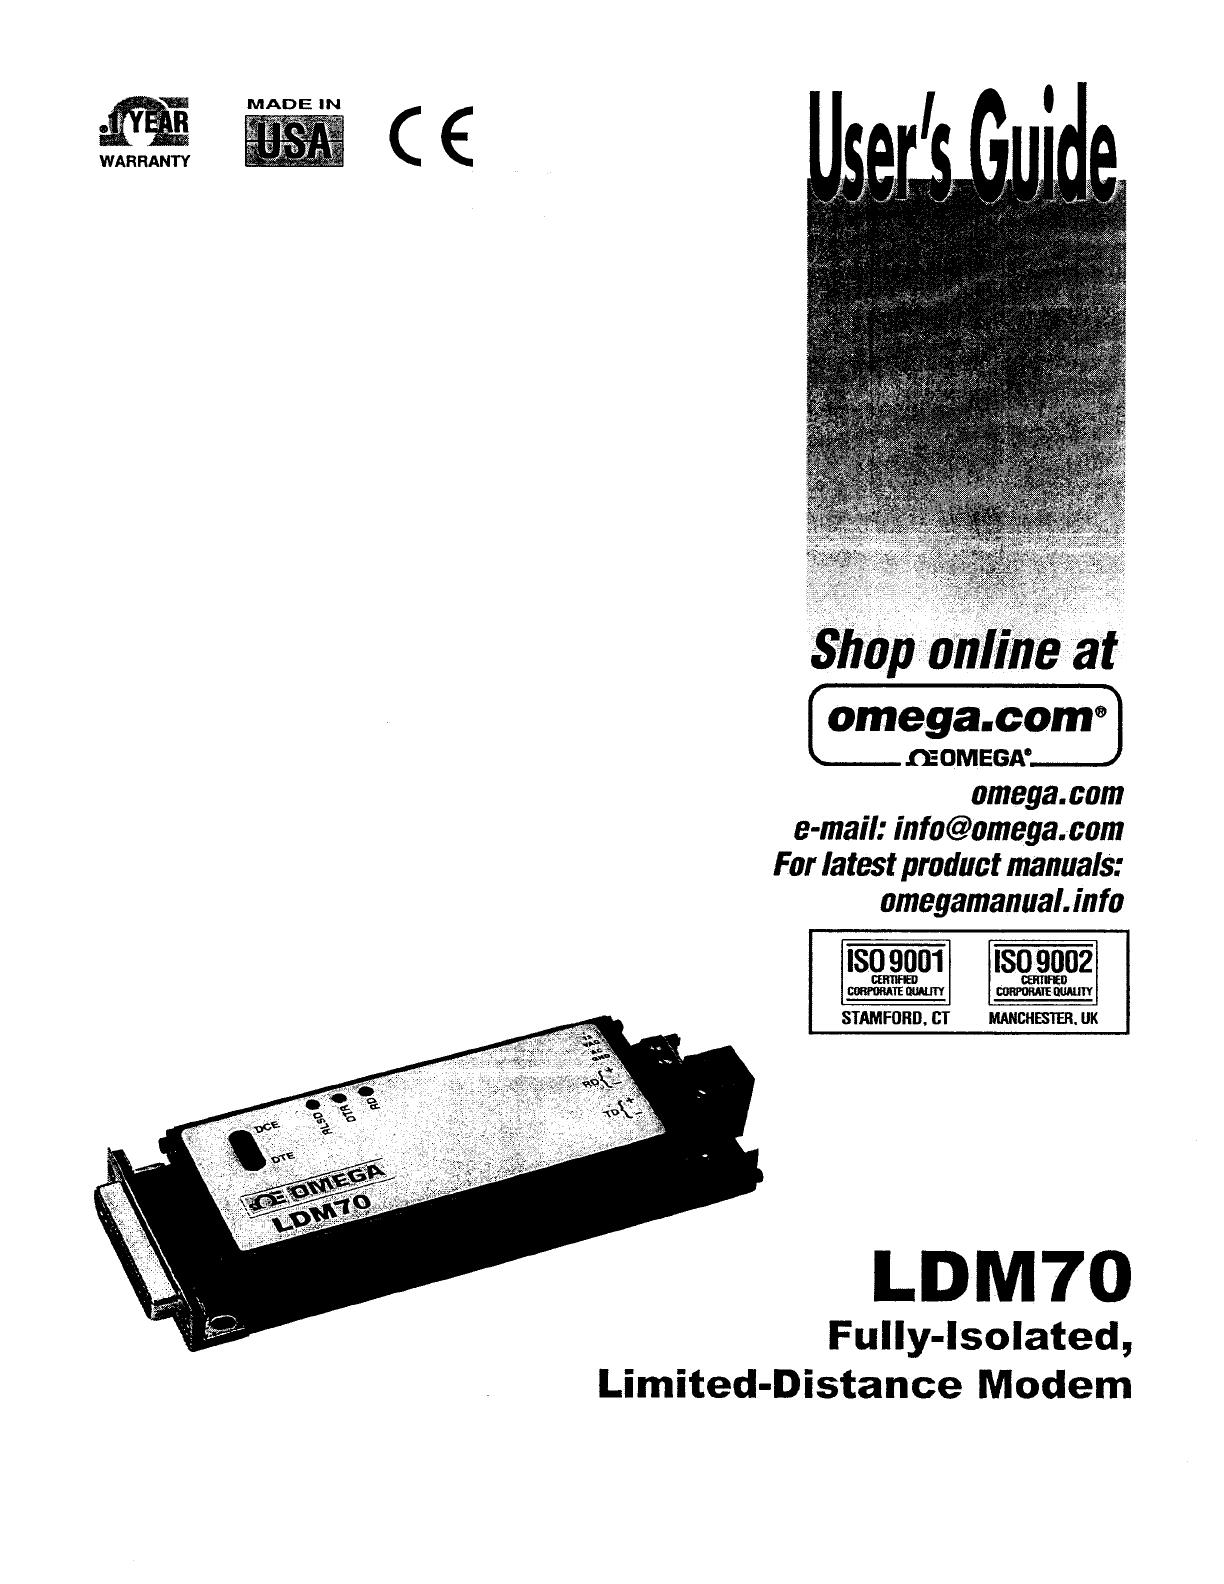 iomega modem ldm70 user guide manualsonline com rh office manualsonline com iomega ldhd-up user manual iomega hdd2hs user manual